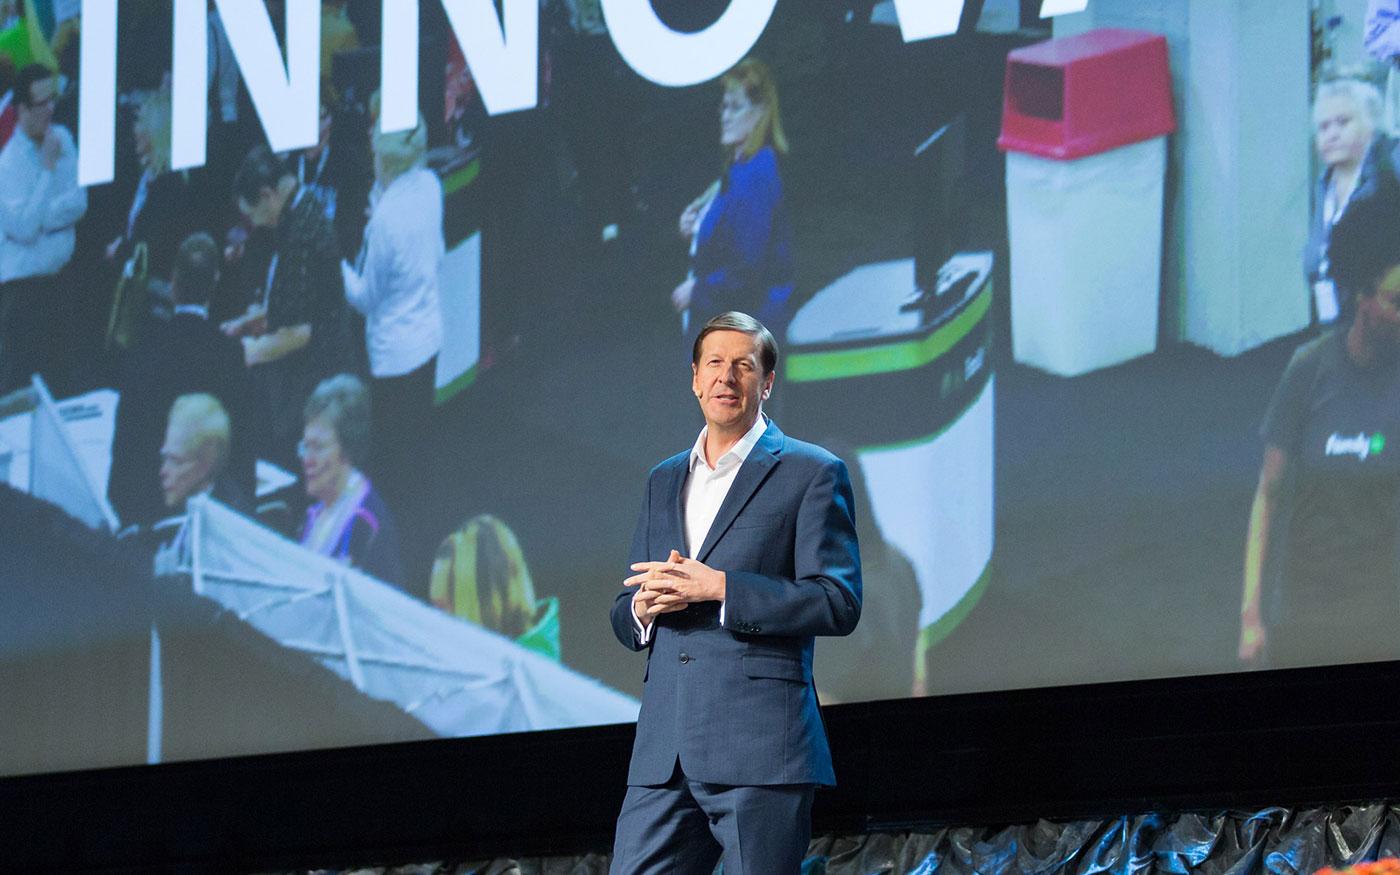 Steve Rockwood at the Innovator Summit